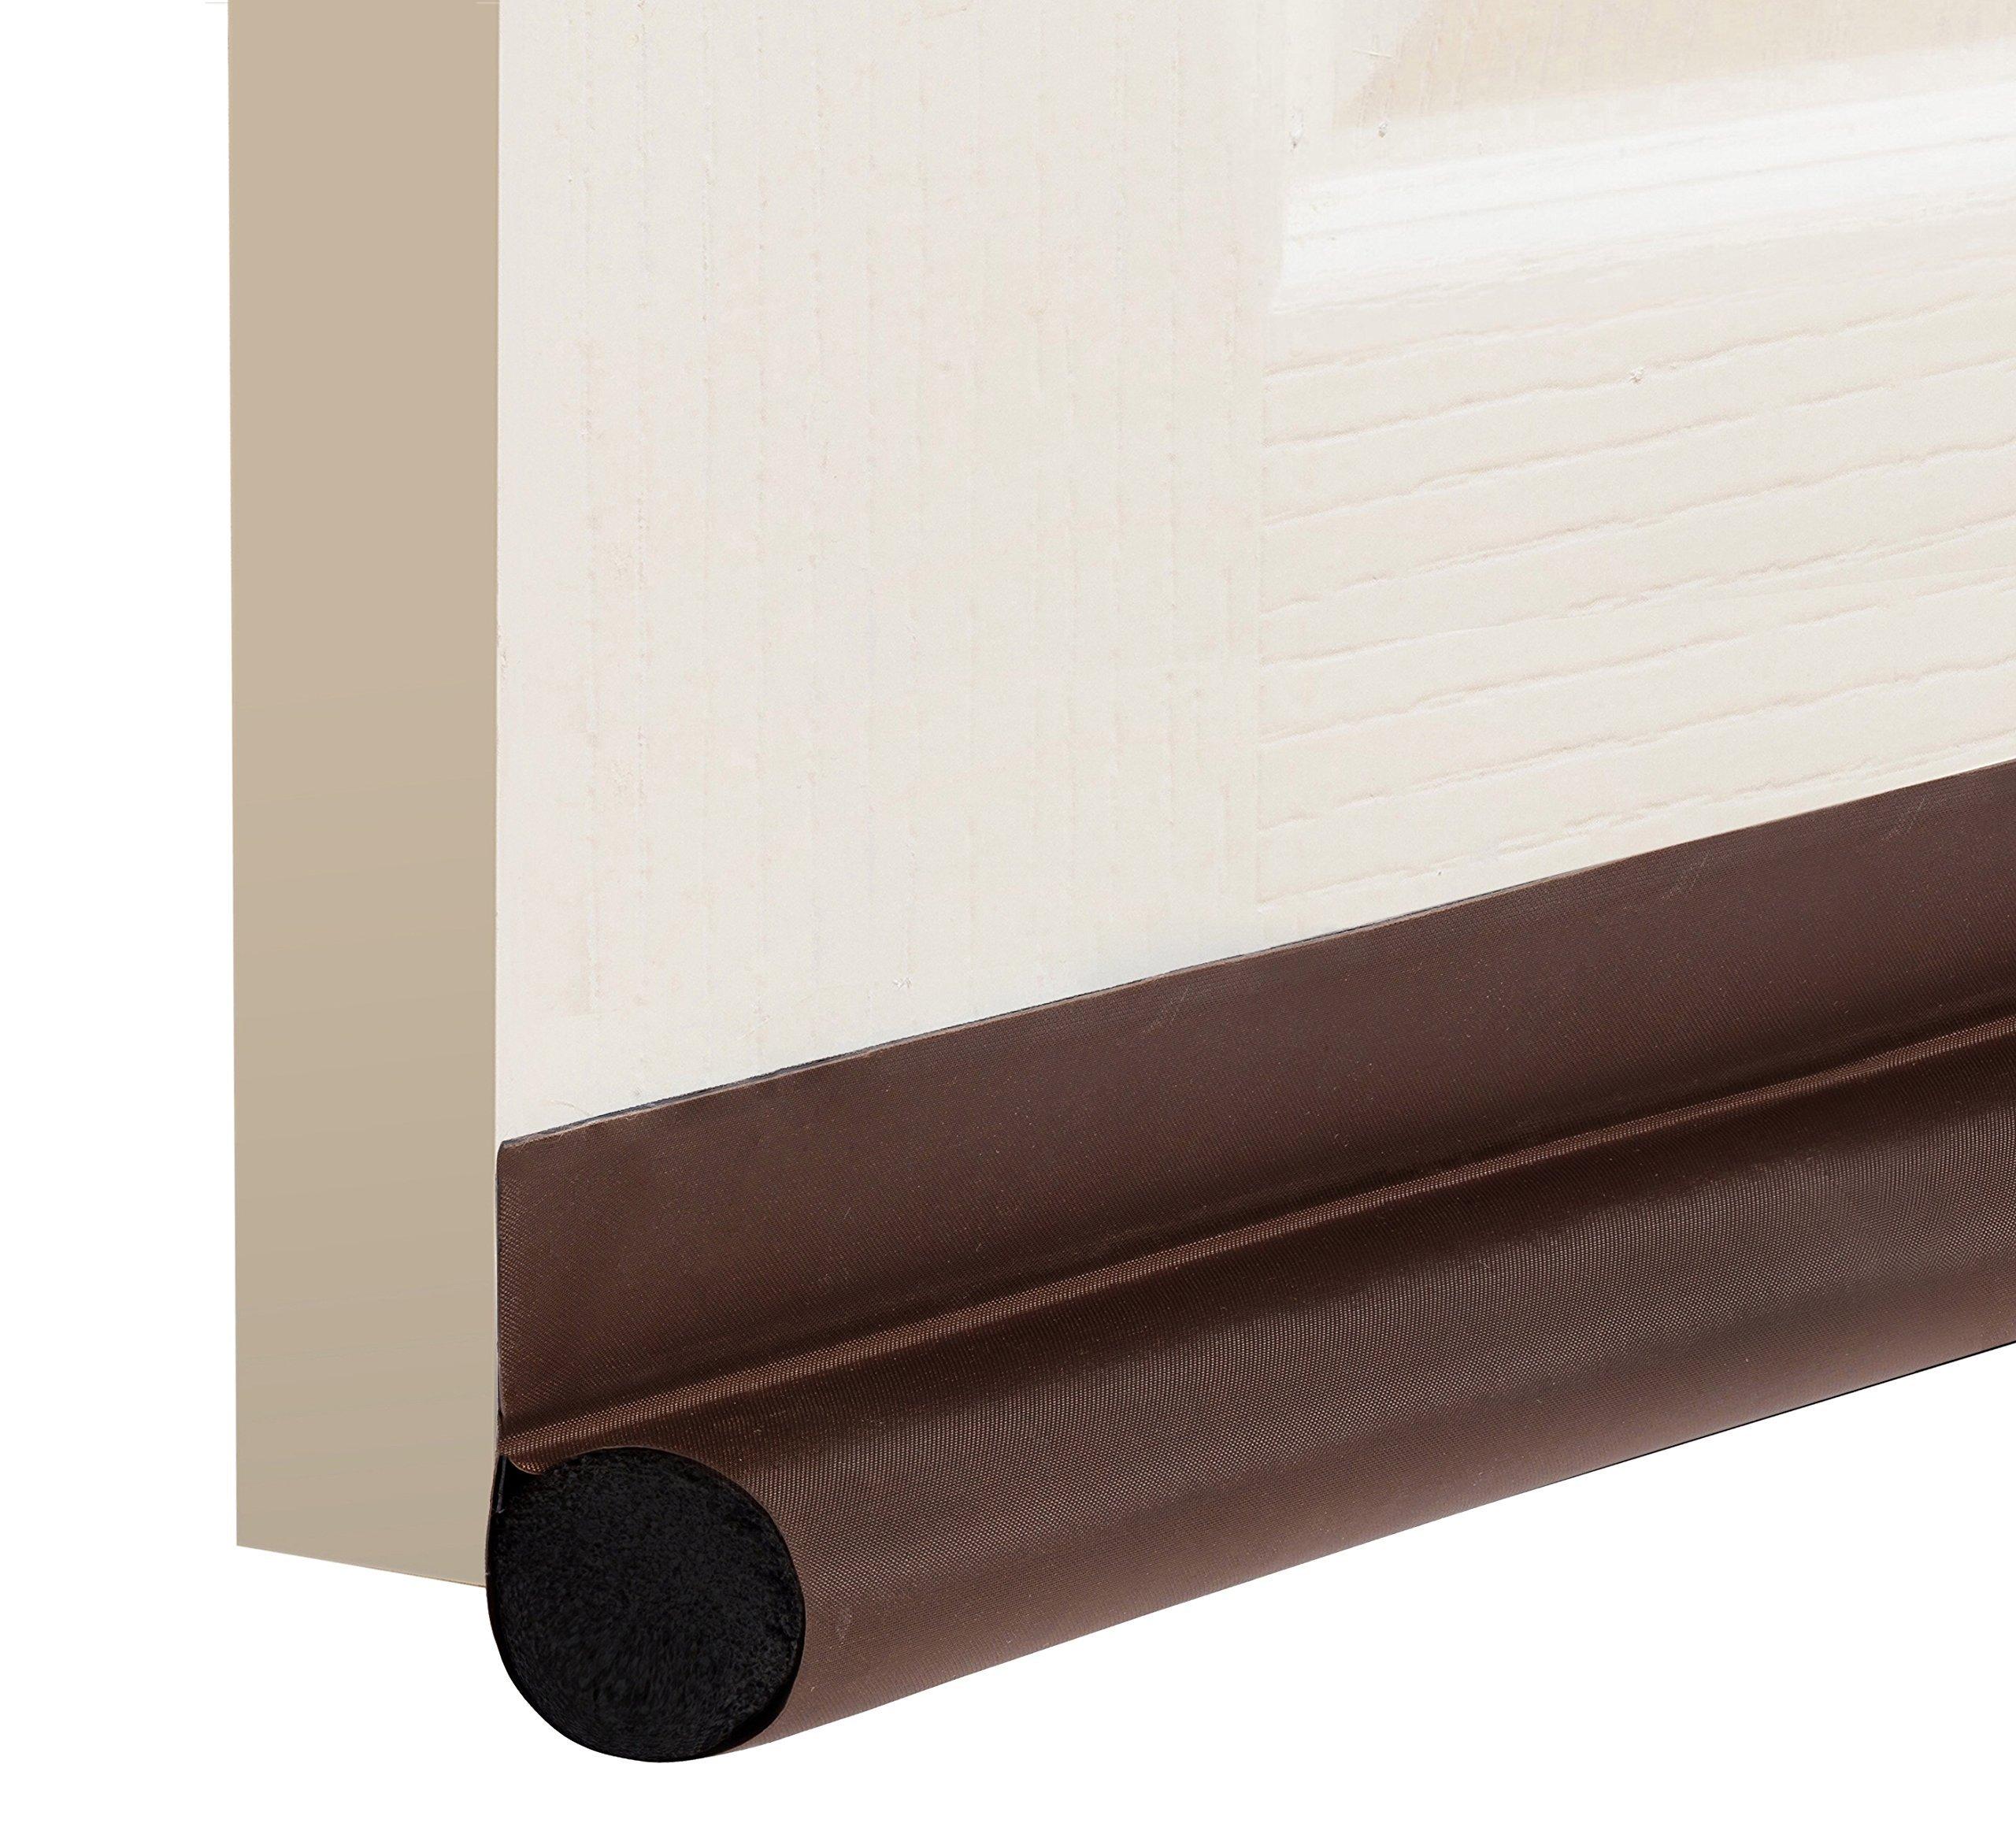 """DeeToolMan Under Door Draft Stopper 36"""": One Sided Door insulator/Velcro Self-Adhesive Seal Fits To Bottom Of Door/Under Door Draft Blocker/Door Weather Strip(Brown)"""